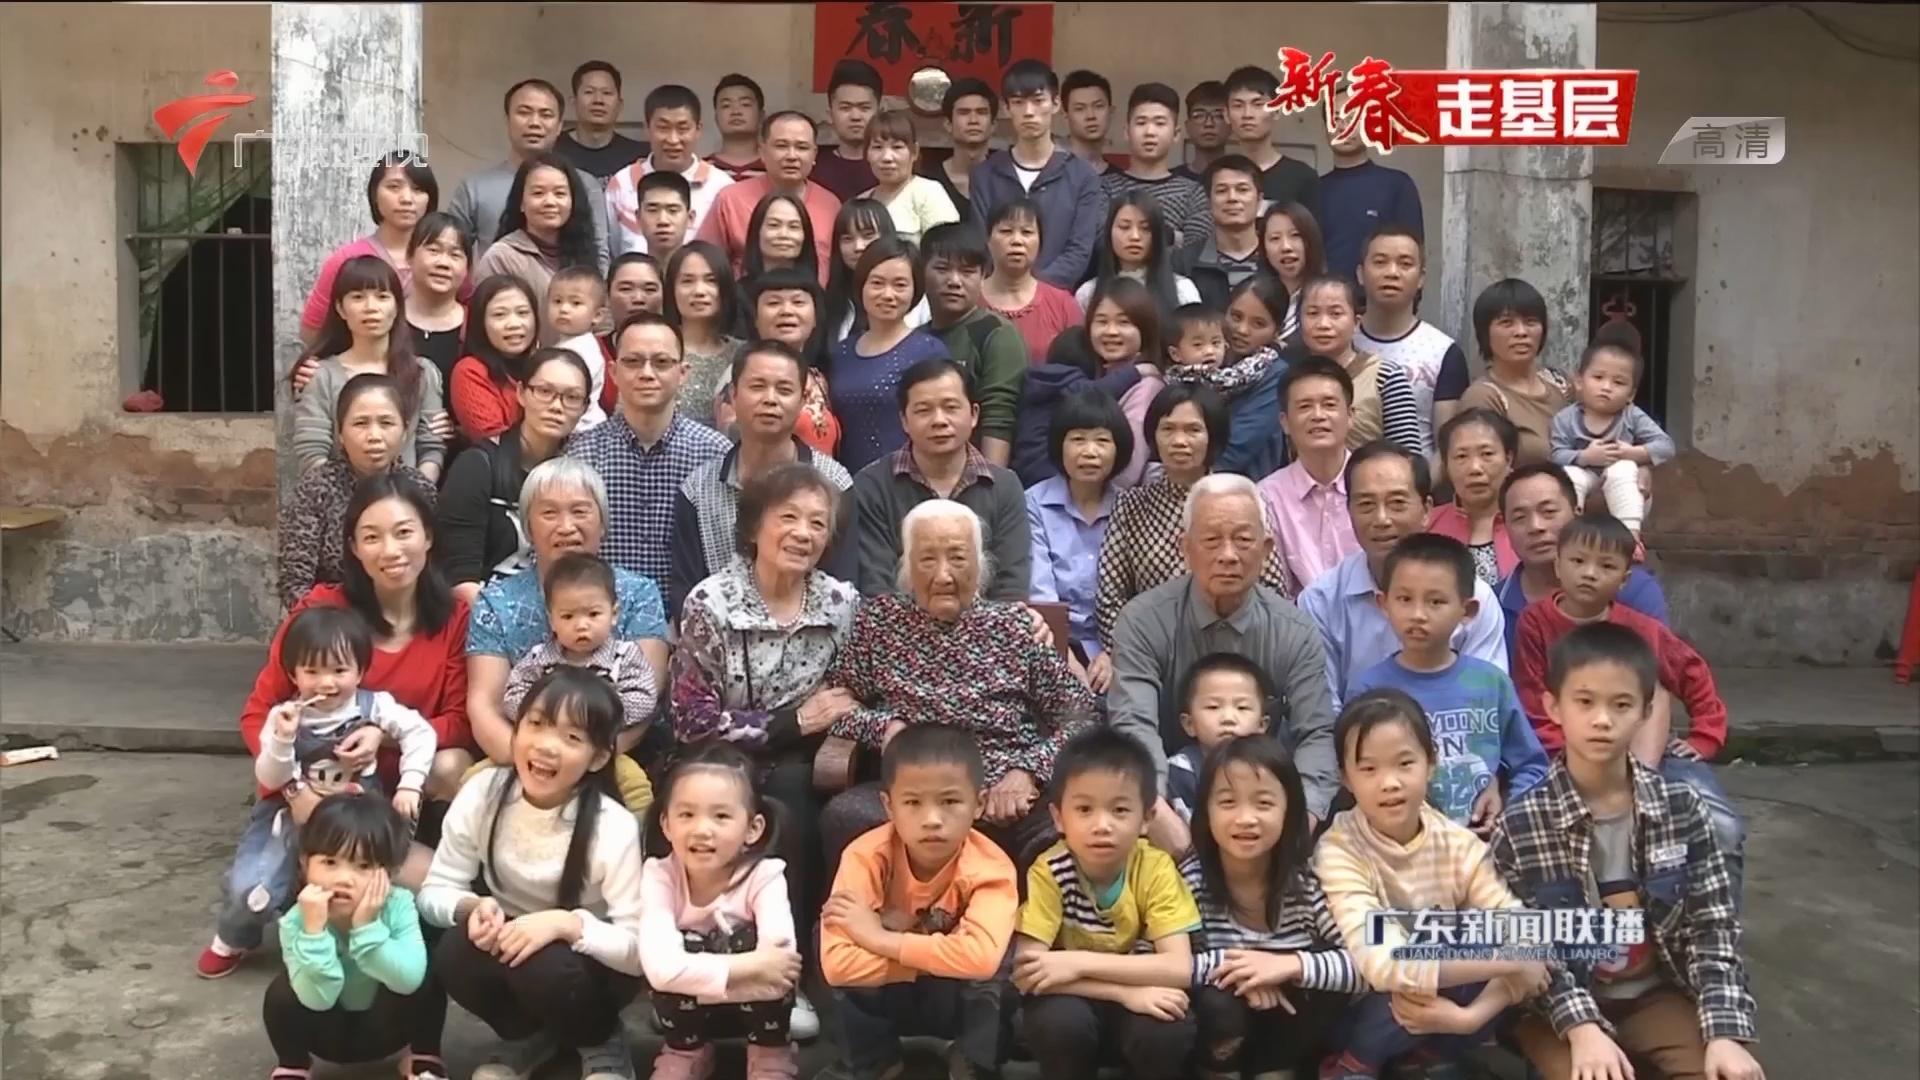 茂名信宜:百岁老人六代同堂